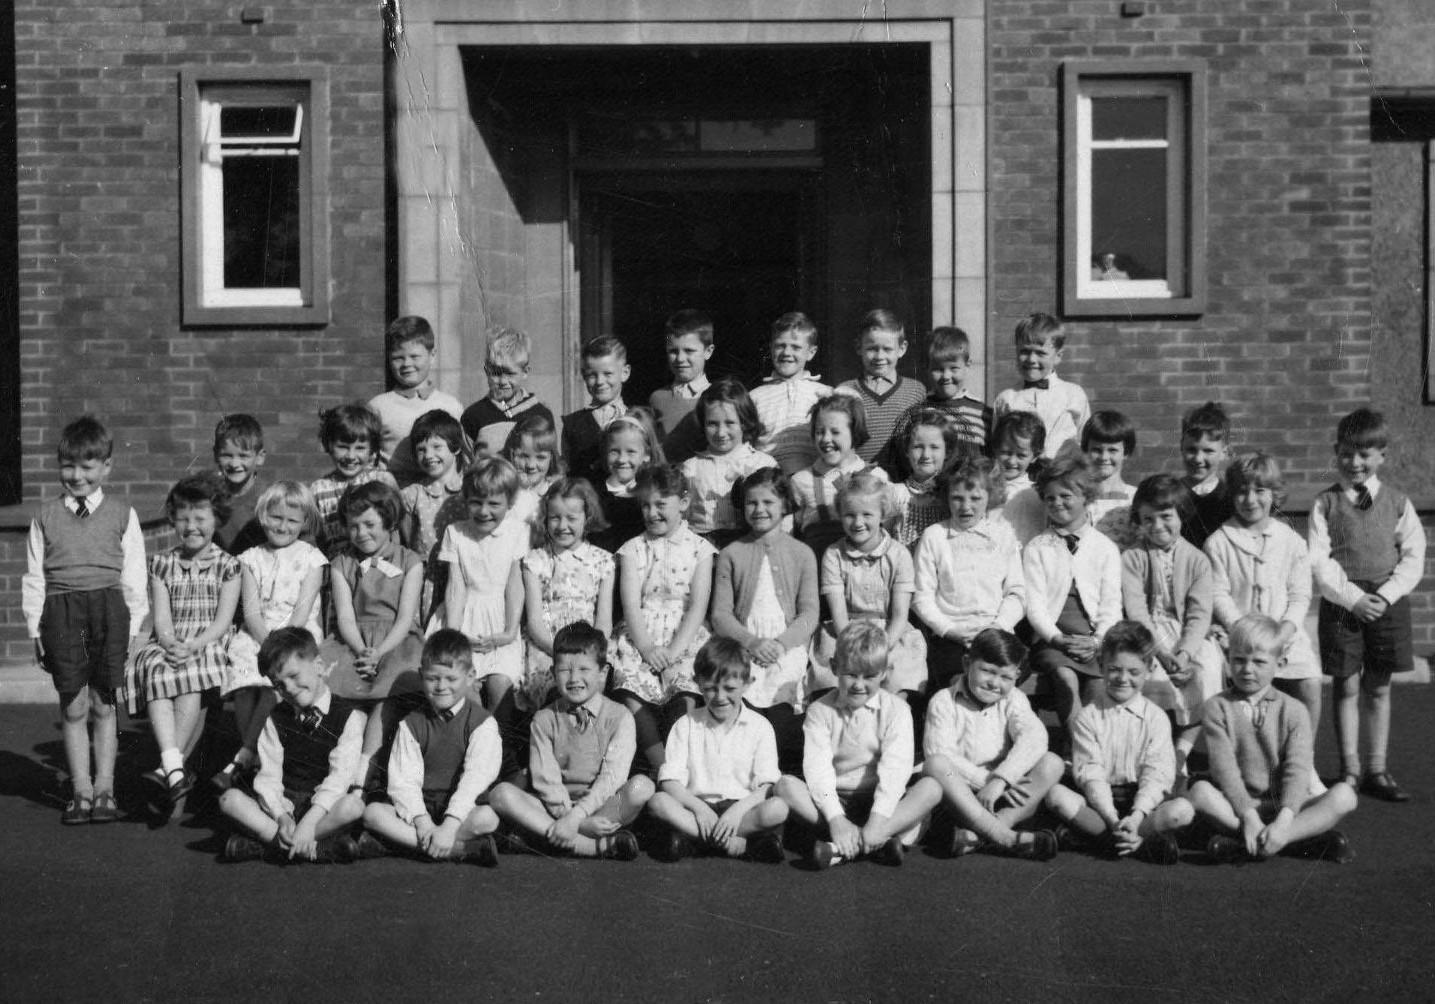 Broomhouse Primary School - Class of 1961